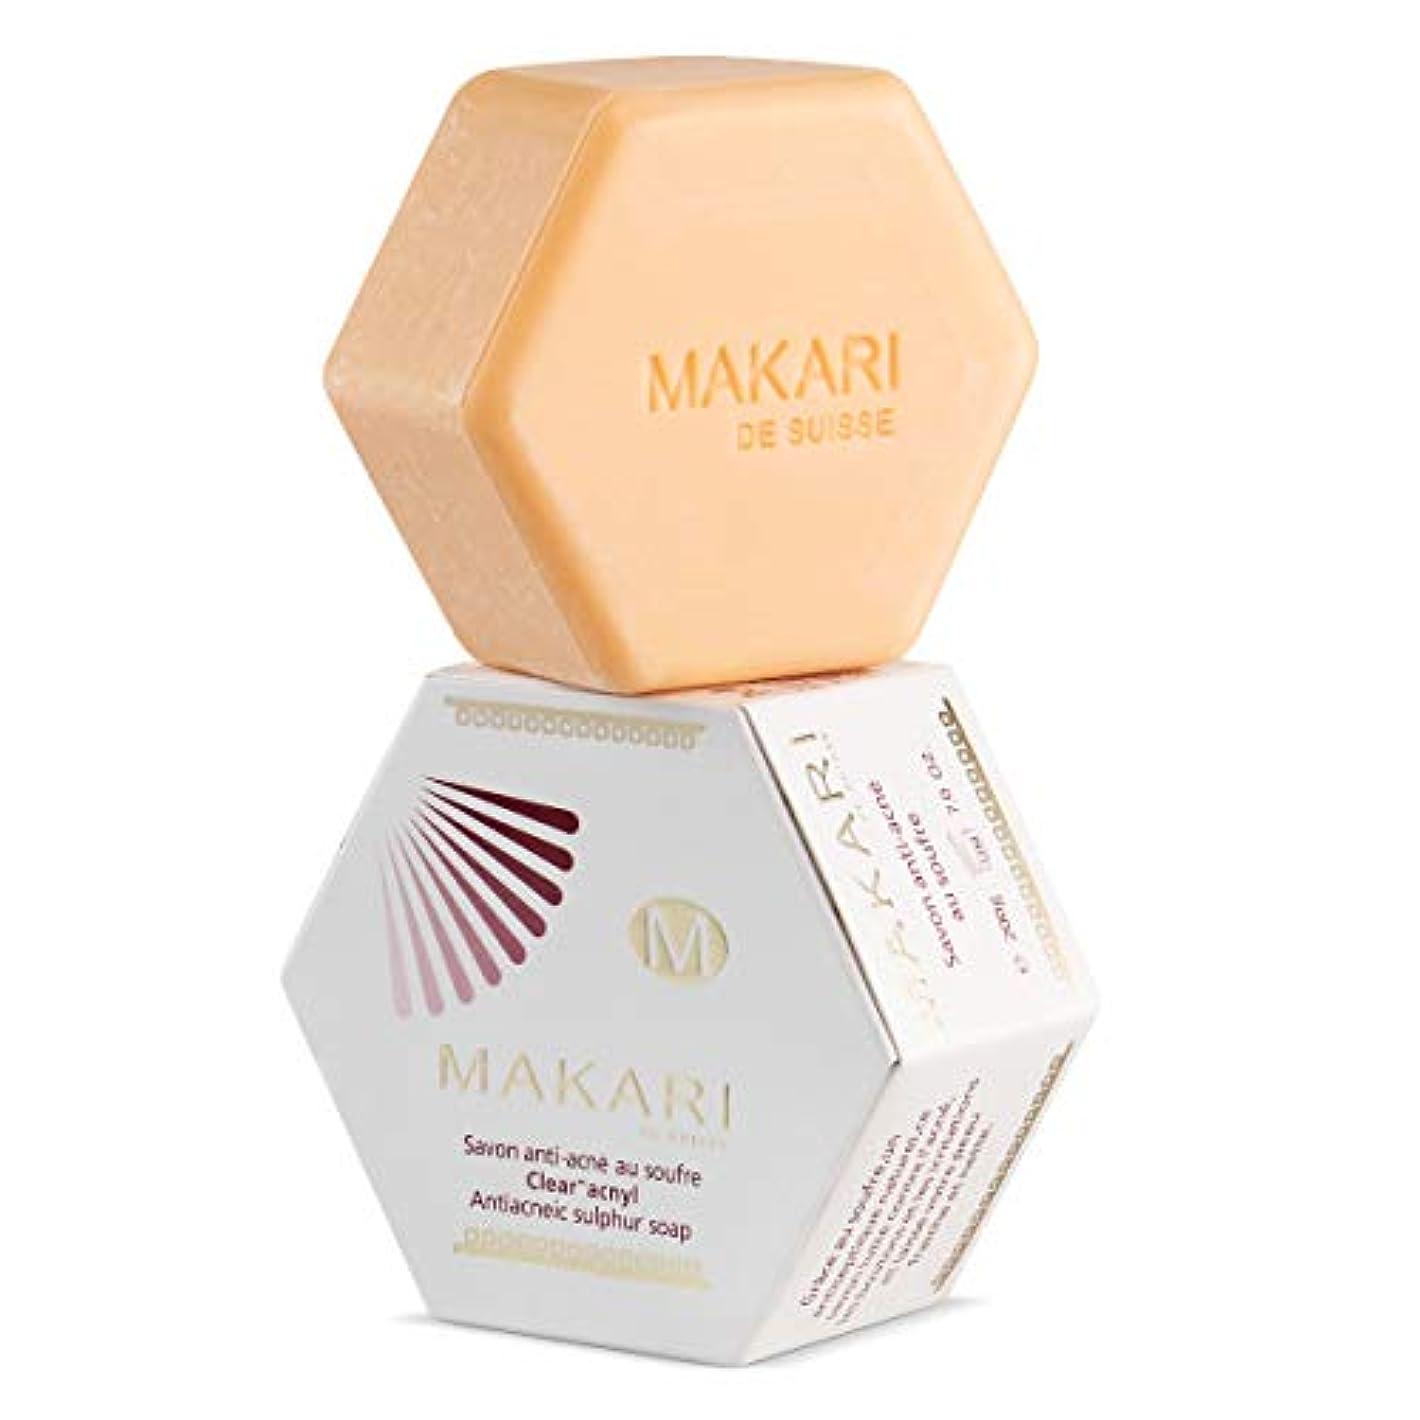 練習した既婚遺跡MAKARI クラシック サルファーソープ 200g 7.0オンス - ニキビ用バーソープ 顔&体用 - 保湿クレンザー ニキビ シミ 毛穴詰まり 脂肌 痛み用